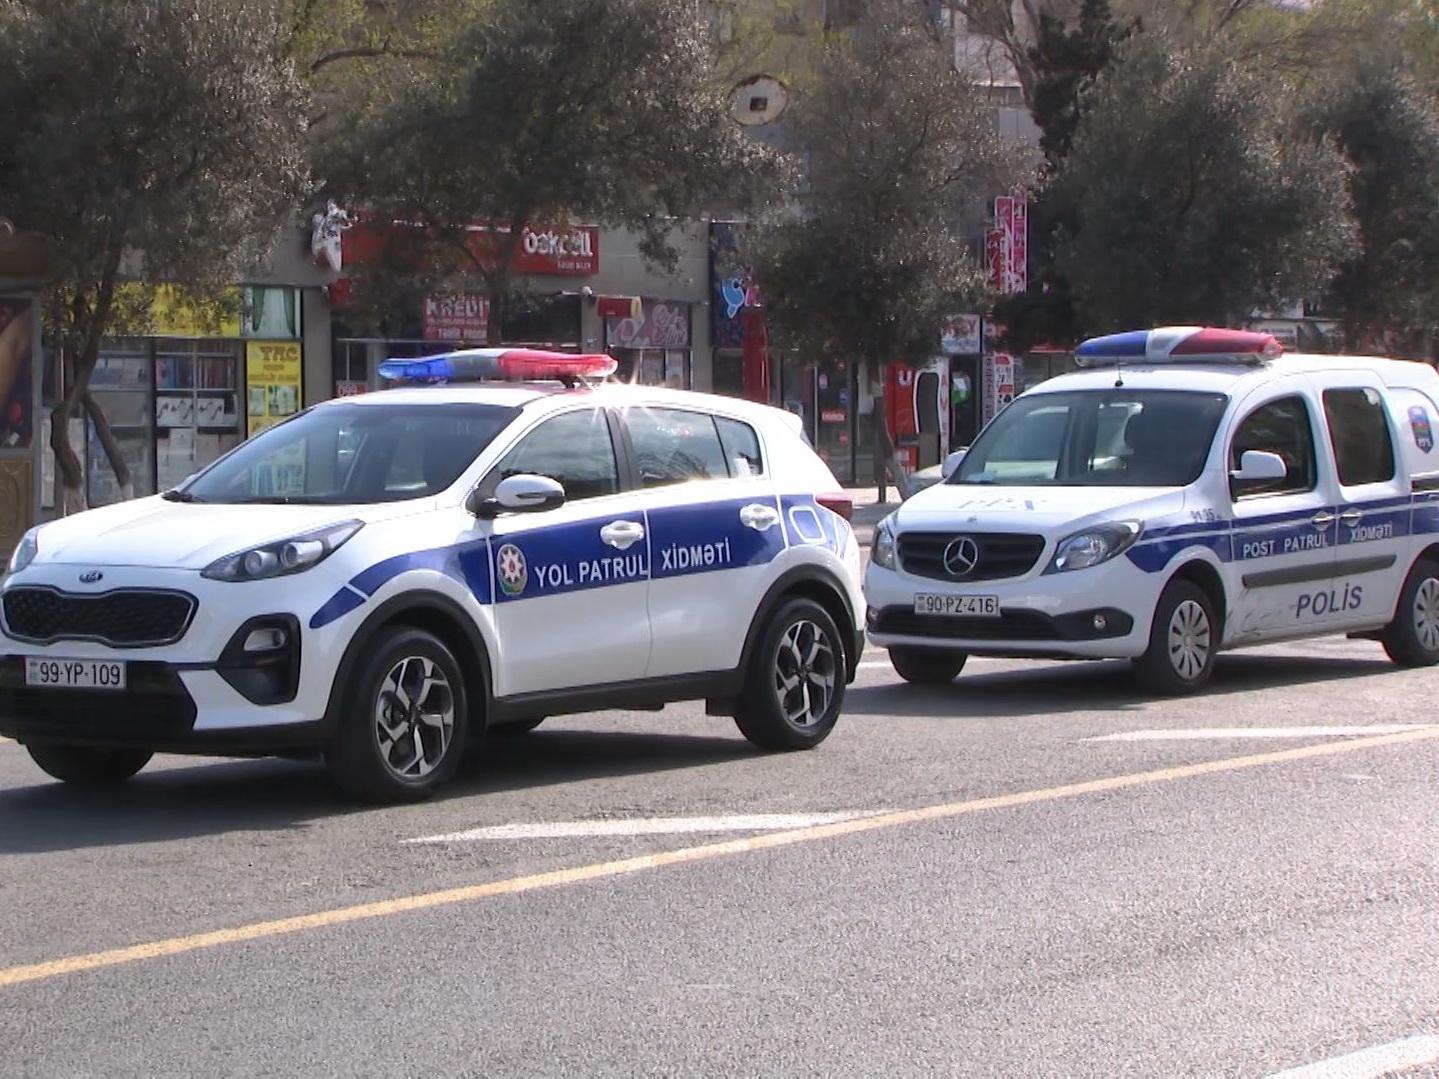 SMS и предварительные звонки: Передвижение граждан в Азербайджане будет отслеживаться полицией - ВИДЕО